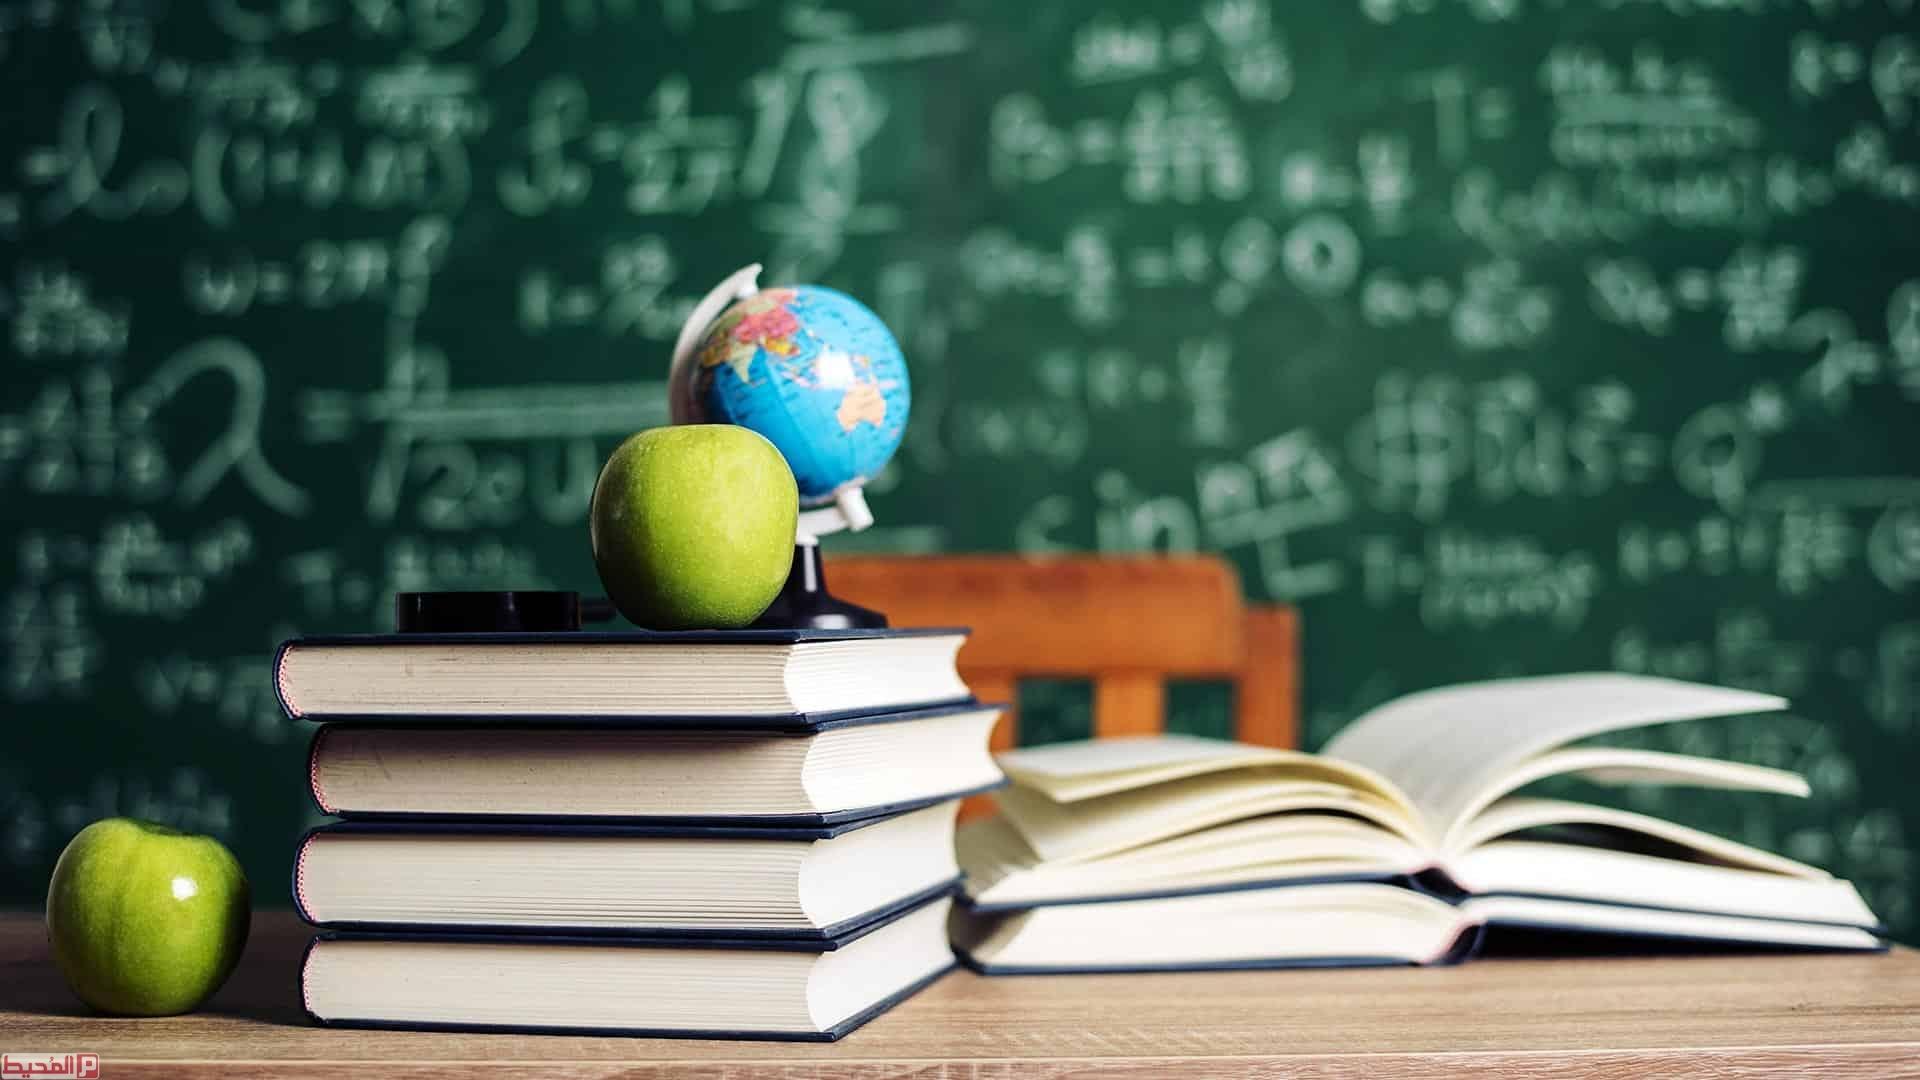 كم باقي على اختبارات الفصل الاول 2021 وبعض التواريخ التي تخص الدراسة